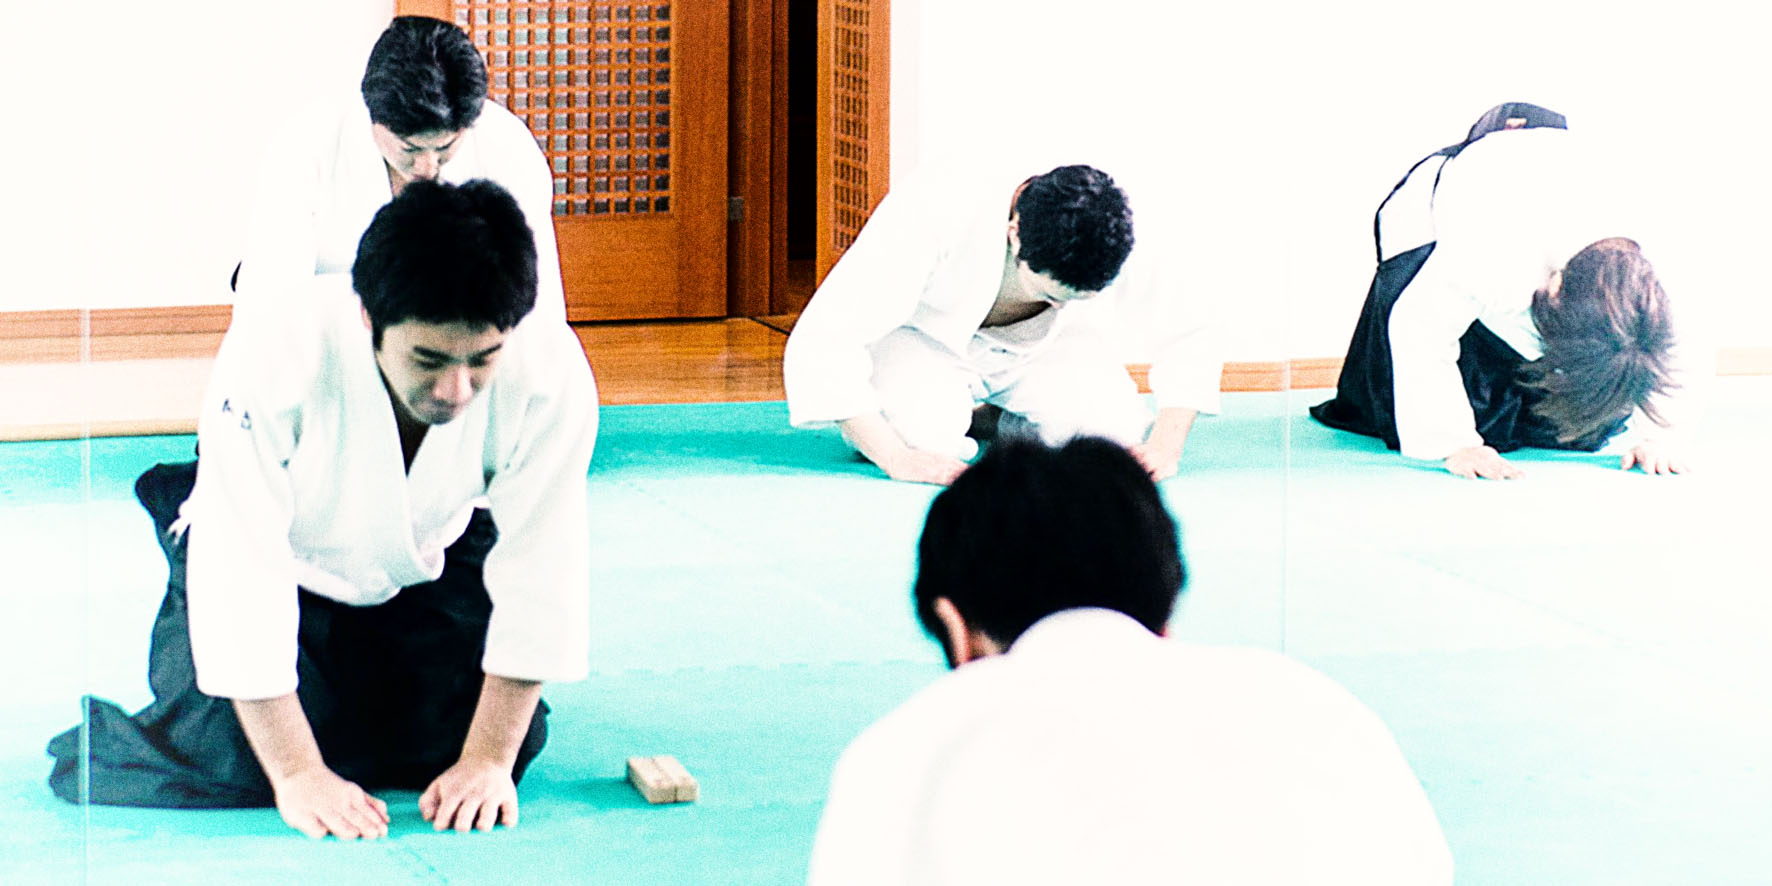 Aikidokas se saludan. Respecto y etiqueta en el tatami.